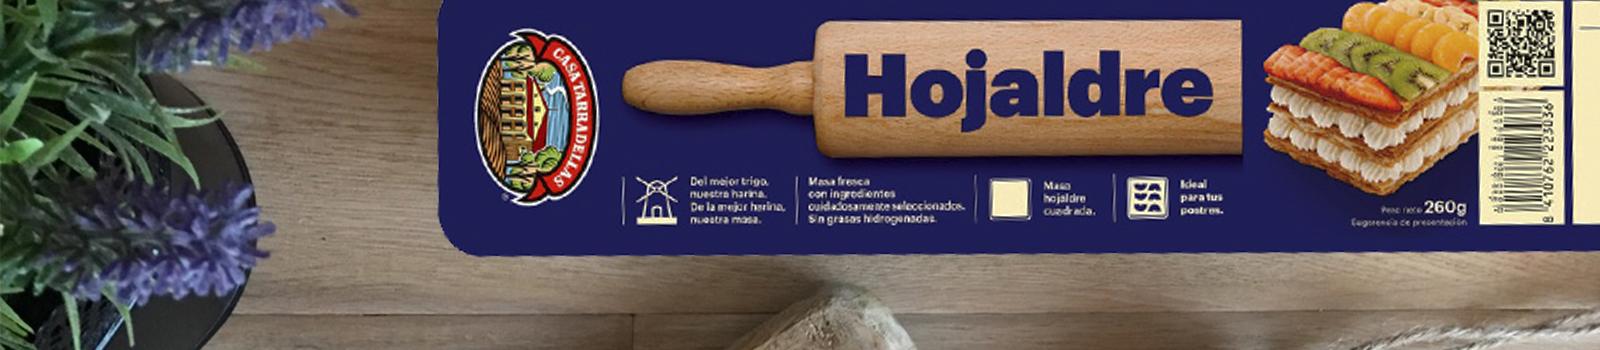 hd-recetas-base-hojaldre-casa-tarradellas